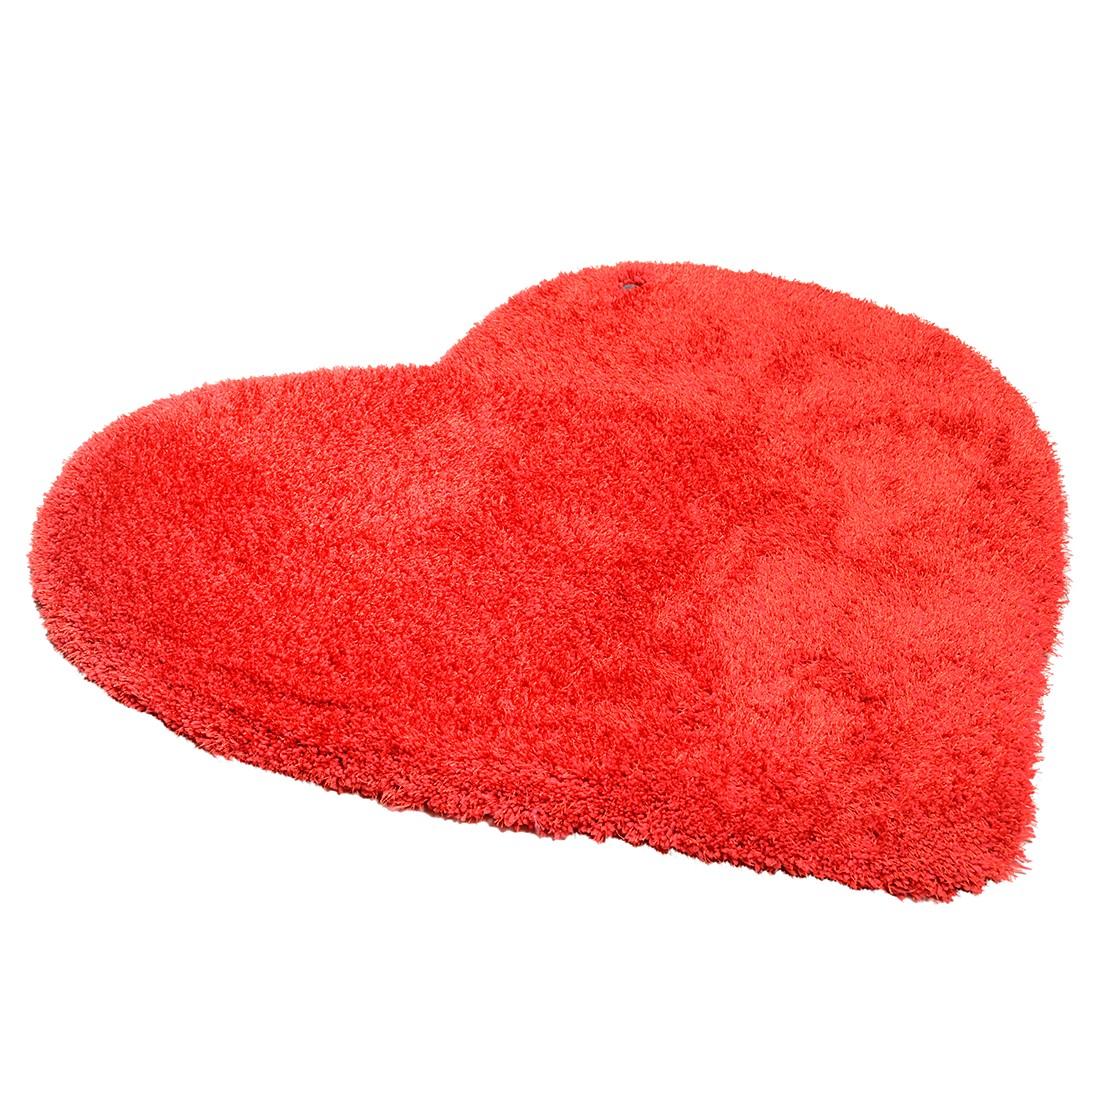 Teppich Soft Heart – Rot – Maße: 100 x 100 cm, Tom Tailor bestellen